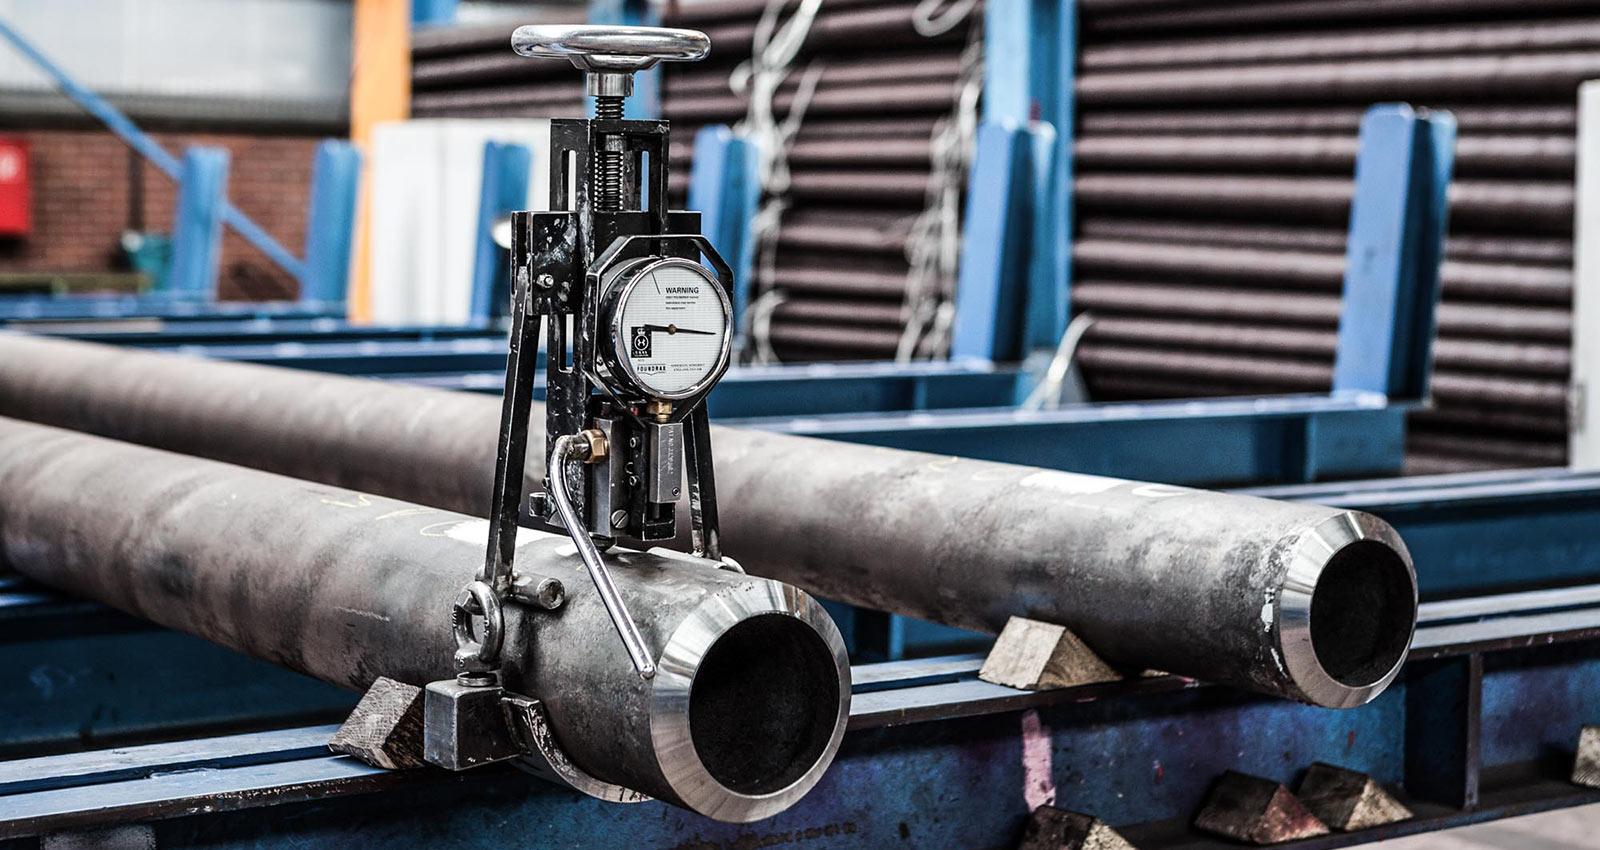 لولههای مورد استفاده در صنایع نفت و گاز : لوله مانیسمان، لوله درزدار(ERW) و لوله SAW